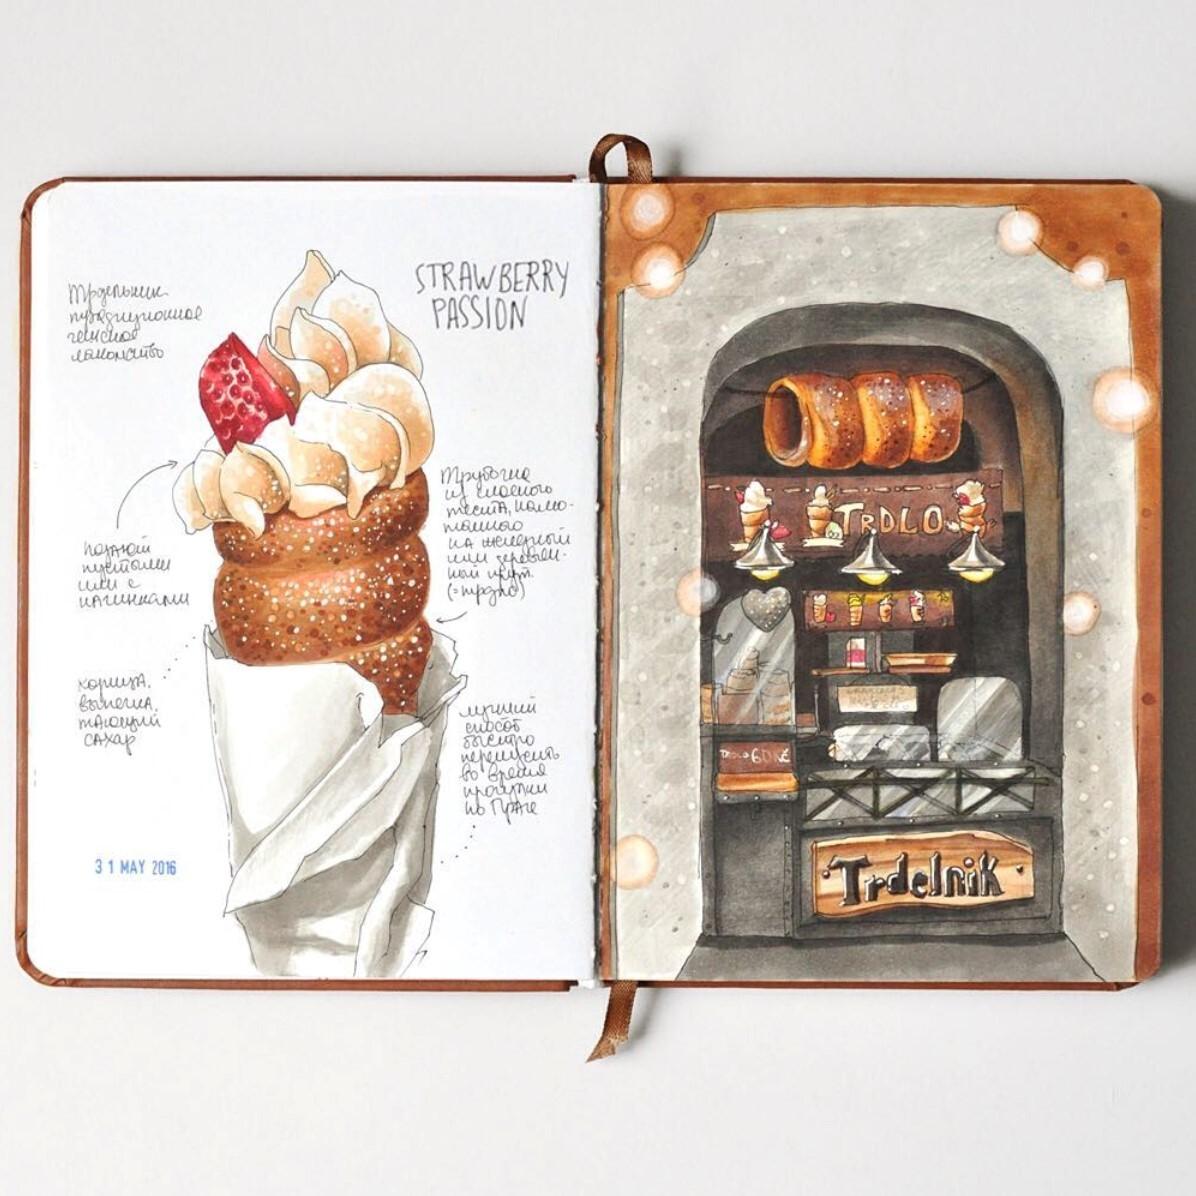 <p> Сахарный трдельник и фрагмент чешского уличного кафе. Разворот из моего&nbsp;пражского тревелбука, посвященный национальной кухне. </p>